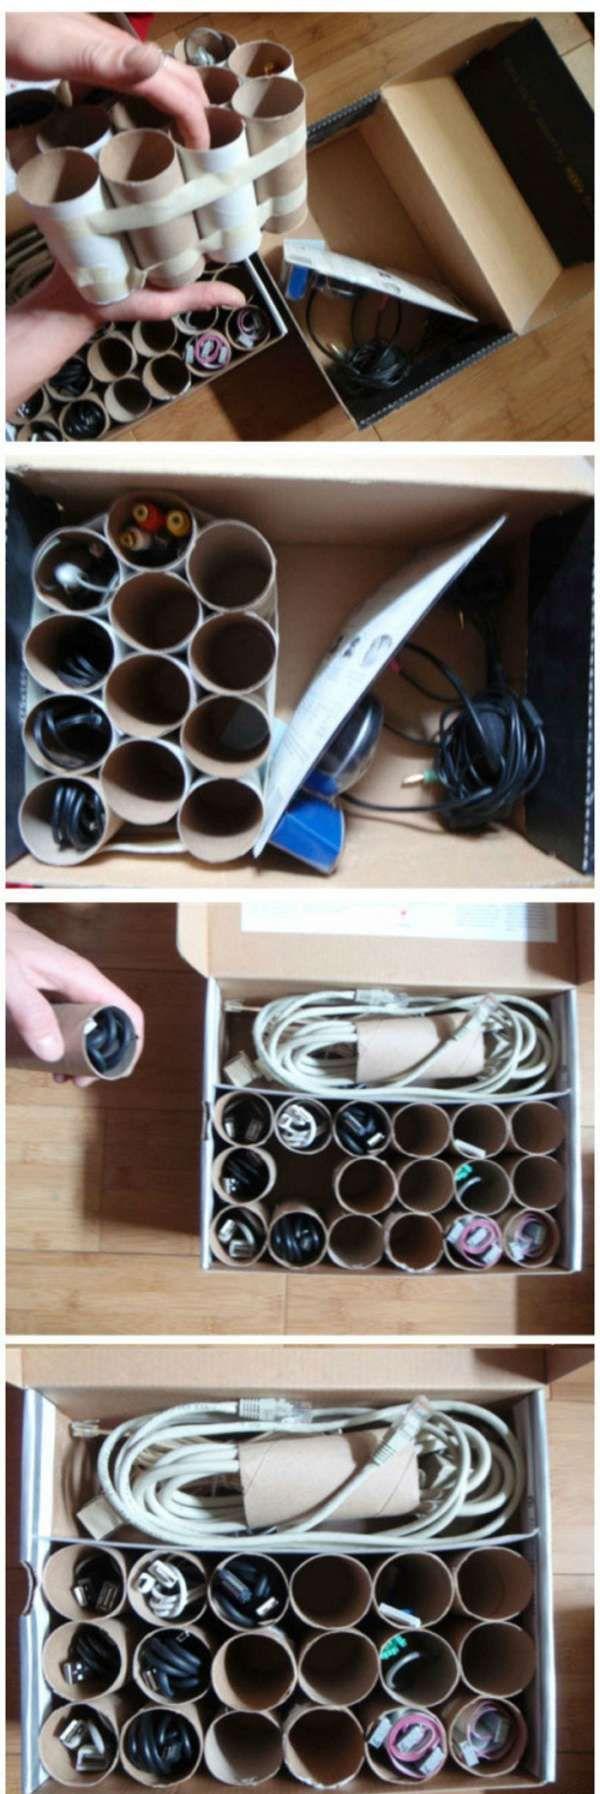 14 Nouvelles Facons D Utiliser Les Rouleaux De Papier Toilette Rangement Diy Storage Diy Organization Et Cord Storage